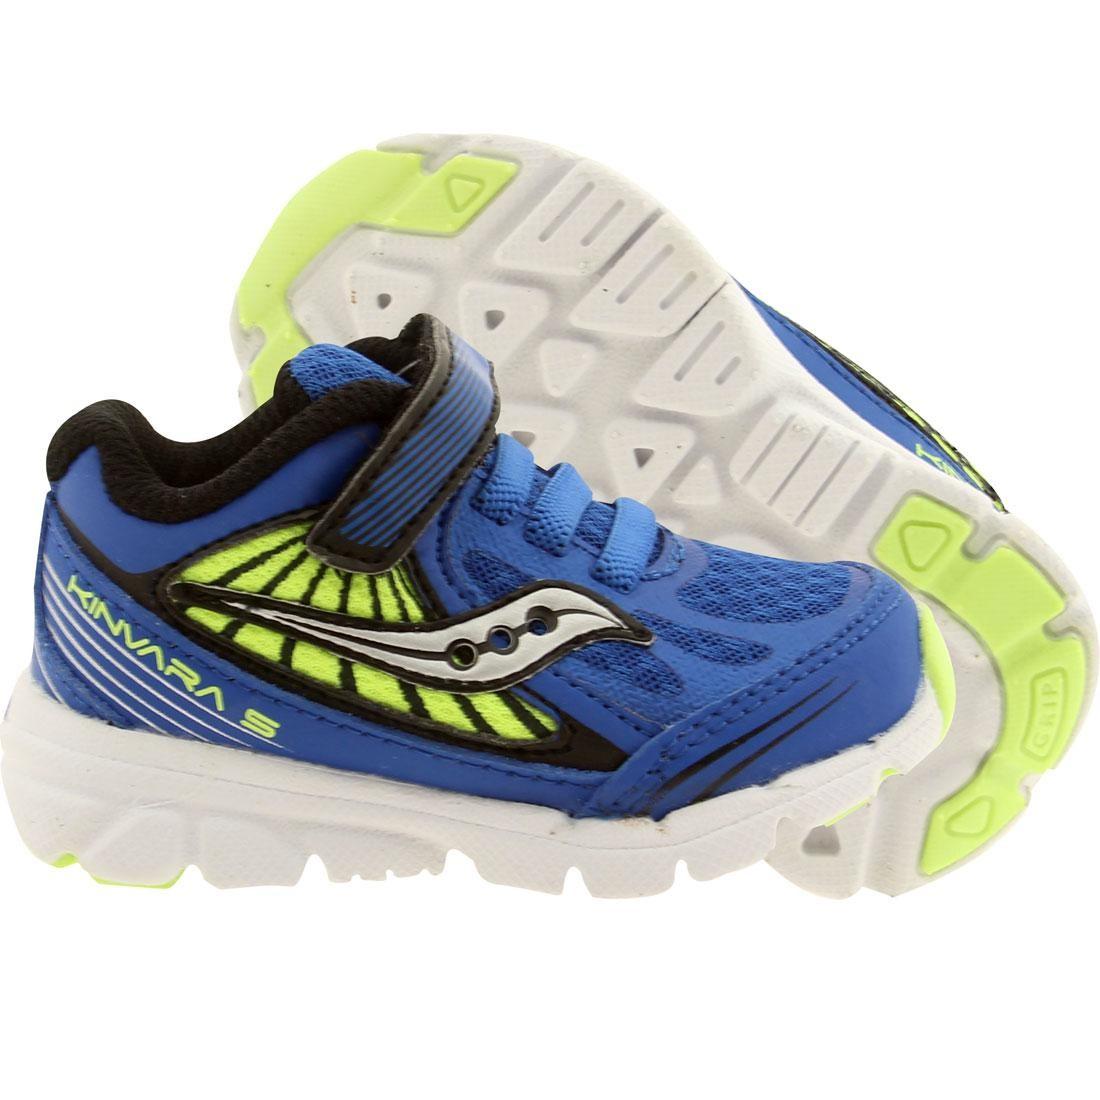 【海外限定】サッカニー スニーカー 靴 【 SAUCONY TODDLERS KINVARA 5 BLUE CITRON 】